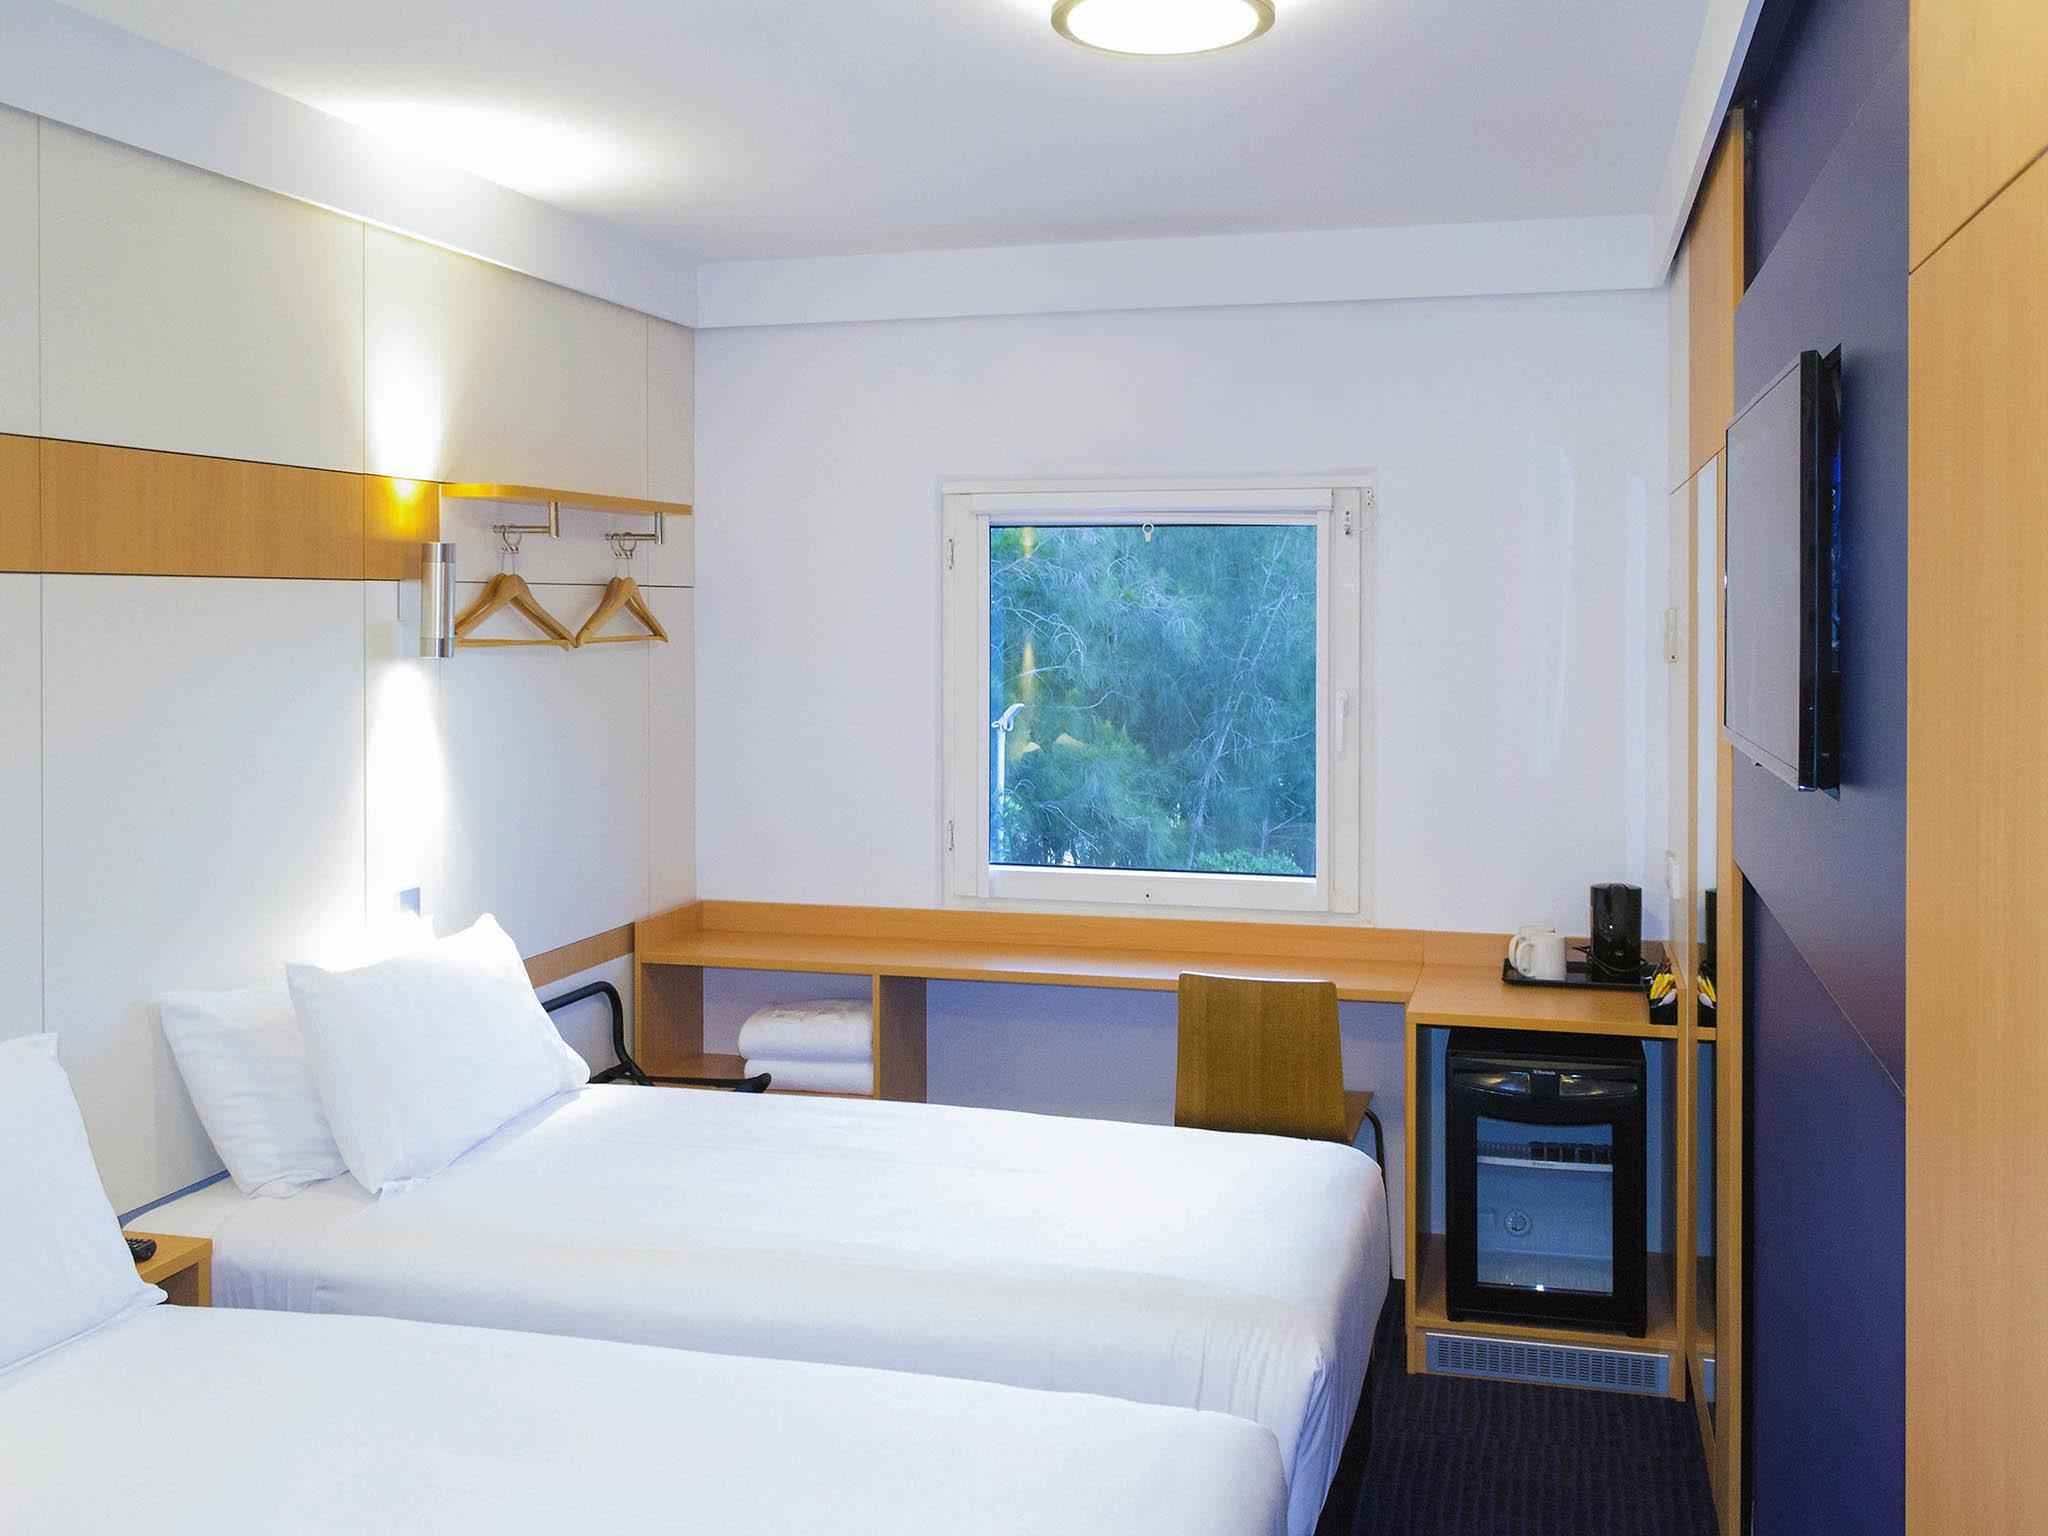 Ho home property management gosford - Ho Home Property Management Gosford 23